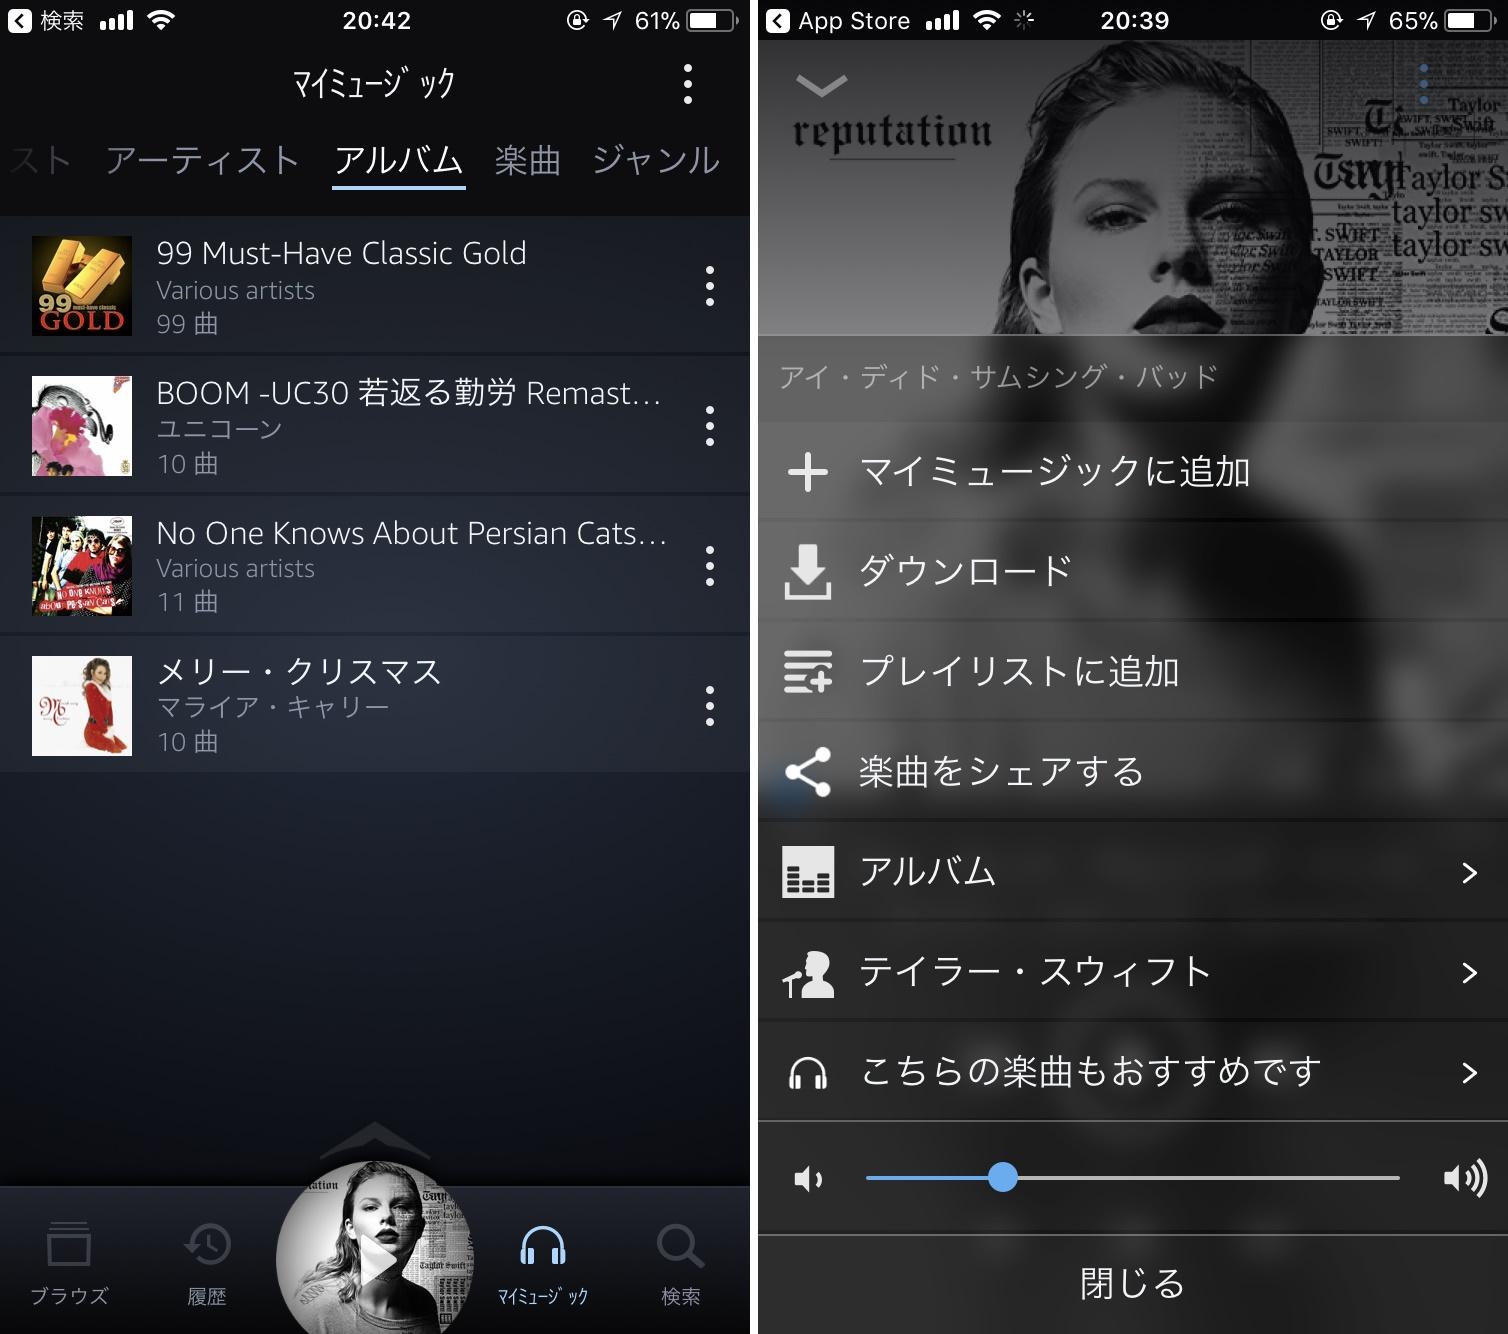 プライムミュージック データ通信量